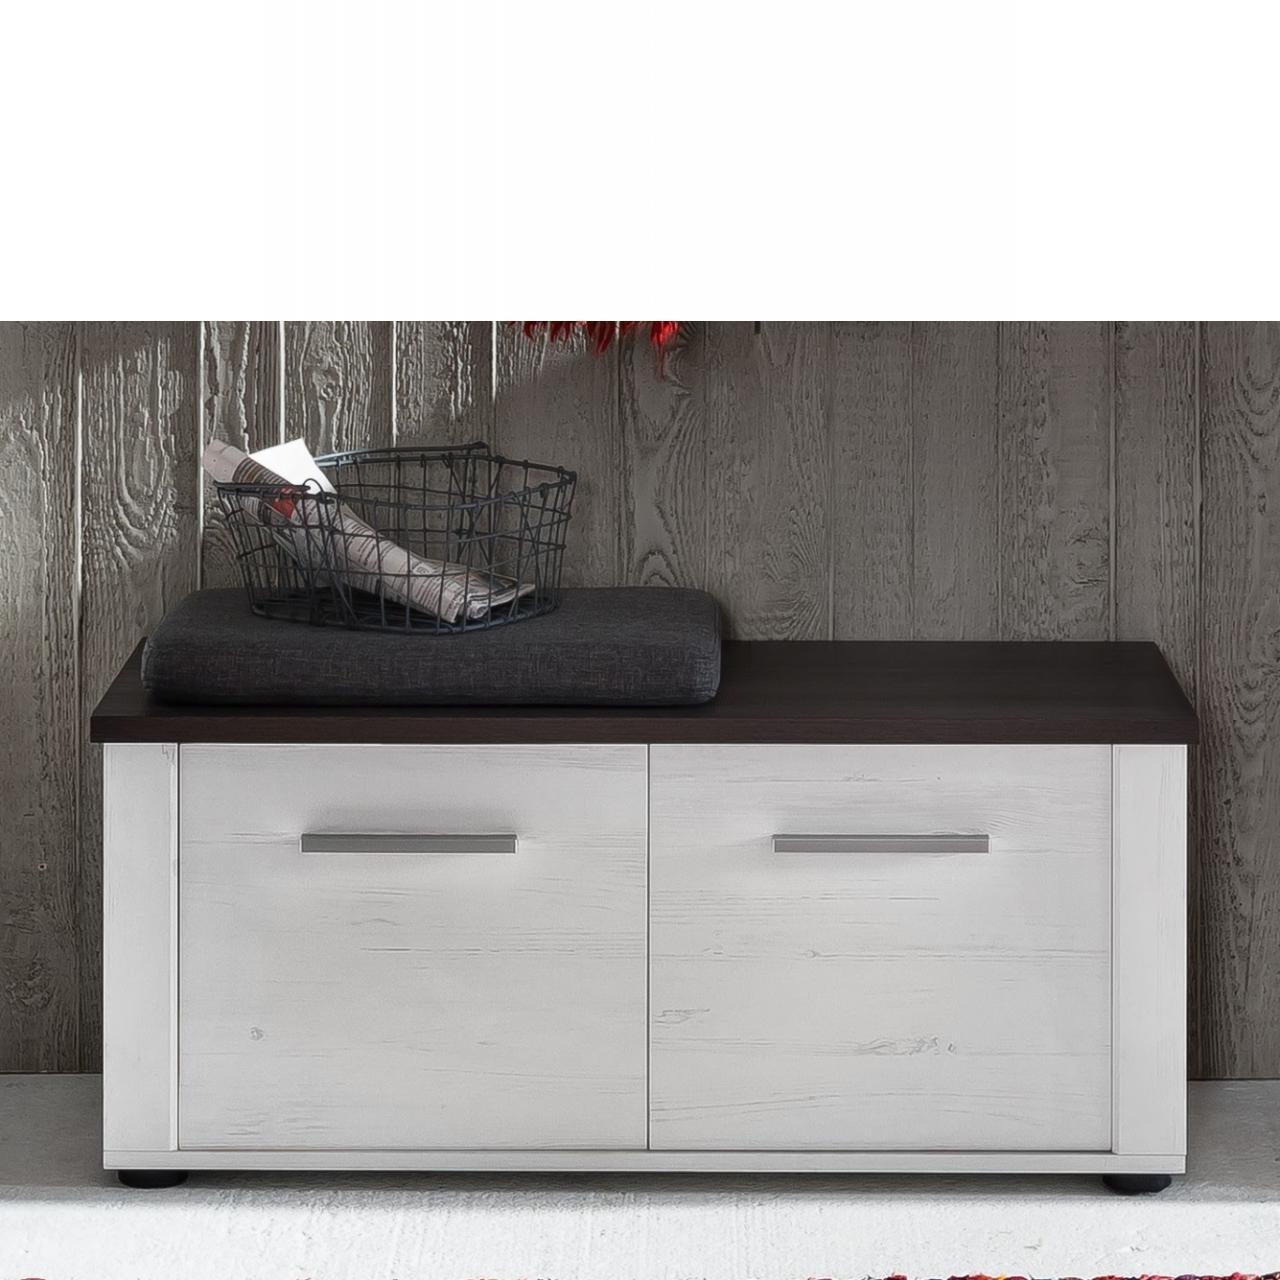 Garderobensitzbank Dakota - Weiß mit dunkelbraunen Absetzungen